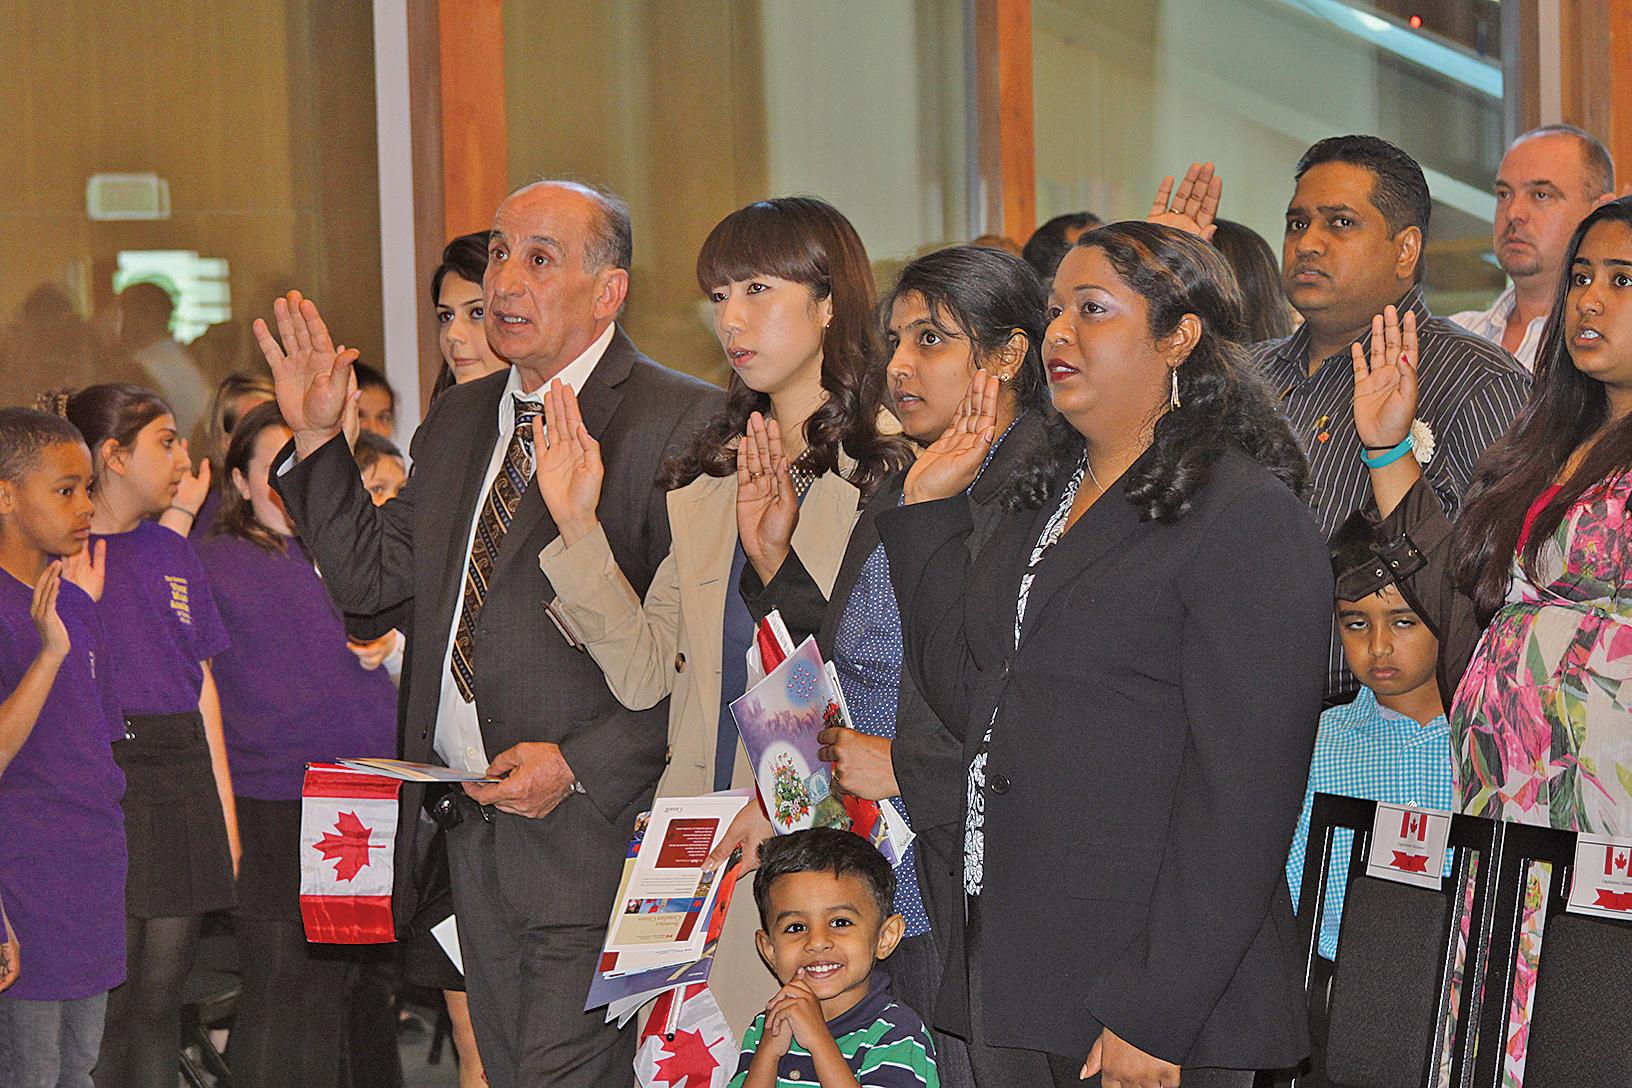 加拿大移民部今年初放寬大西洋省份移民政策後,使得更多的留學生獲得聘書,當地僱主也能快速招聘海外人才。(大紀元資料圖片)